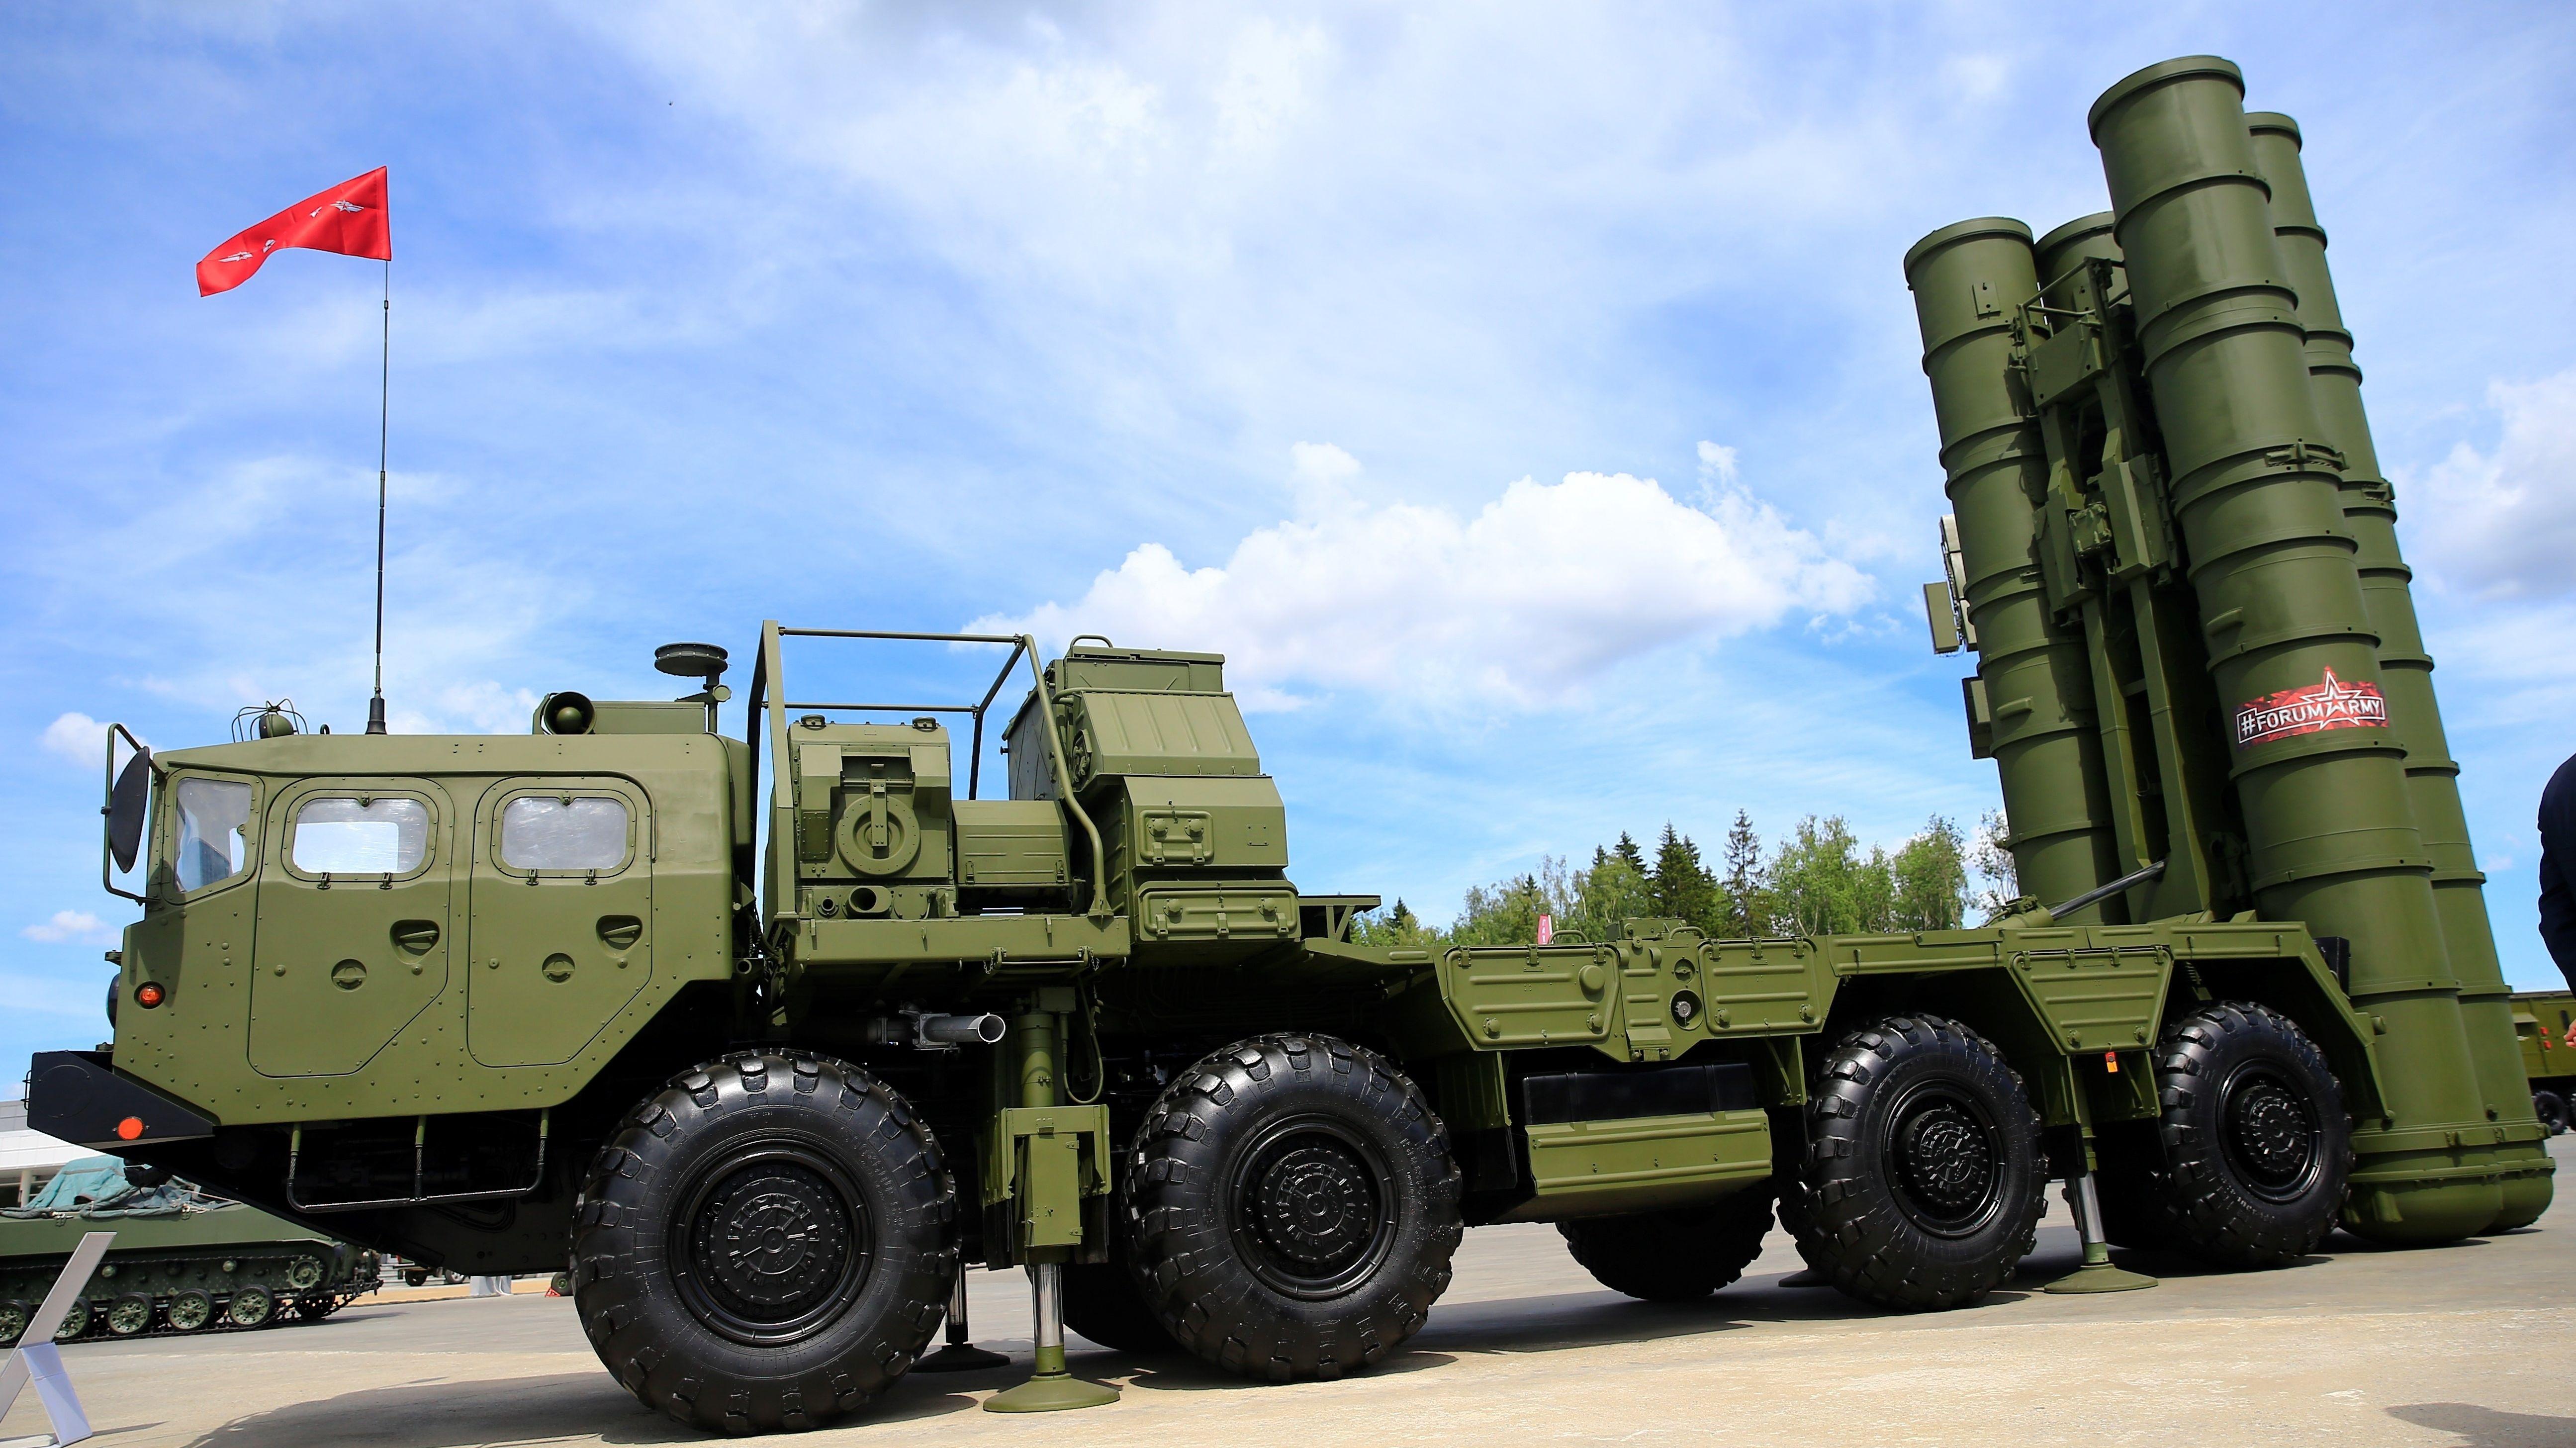 Beispielbild: Russisches Raketenabwehrsystem S-400